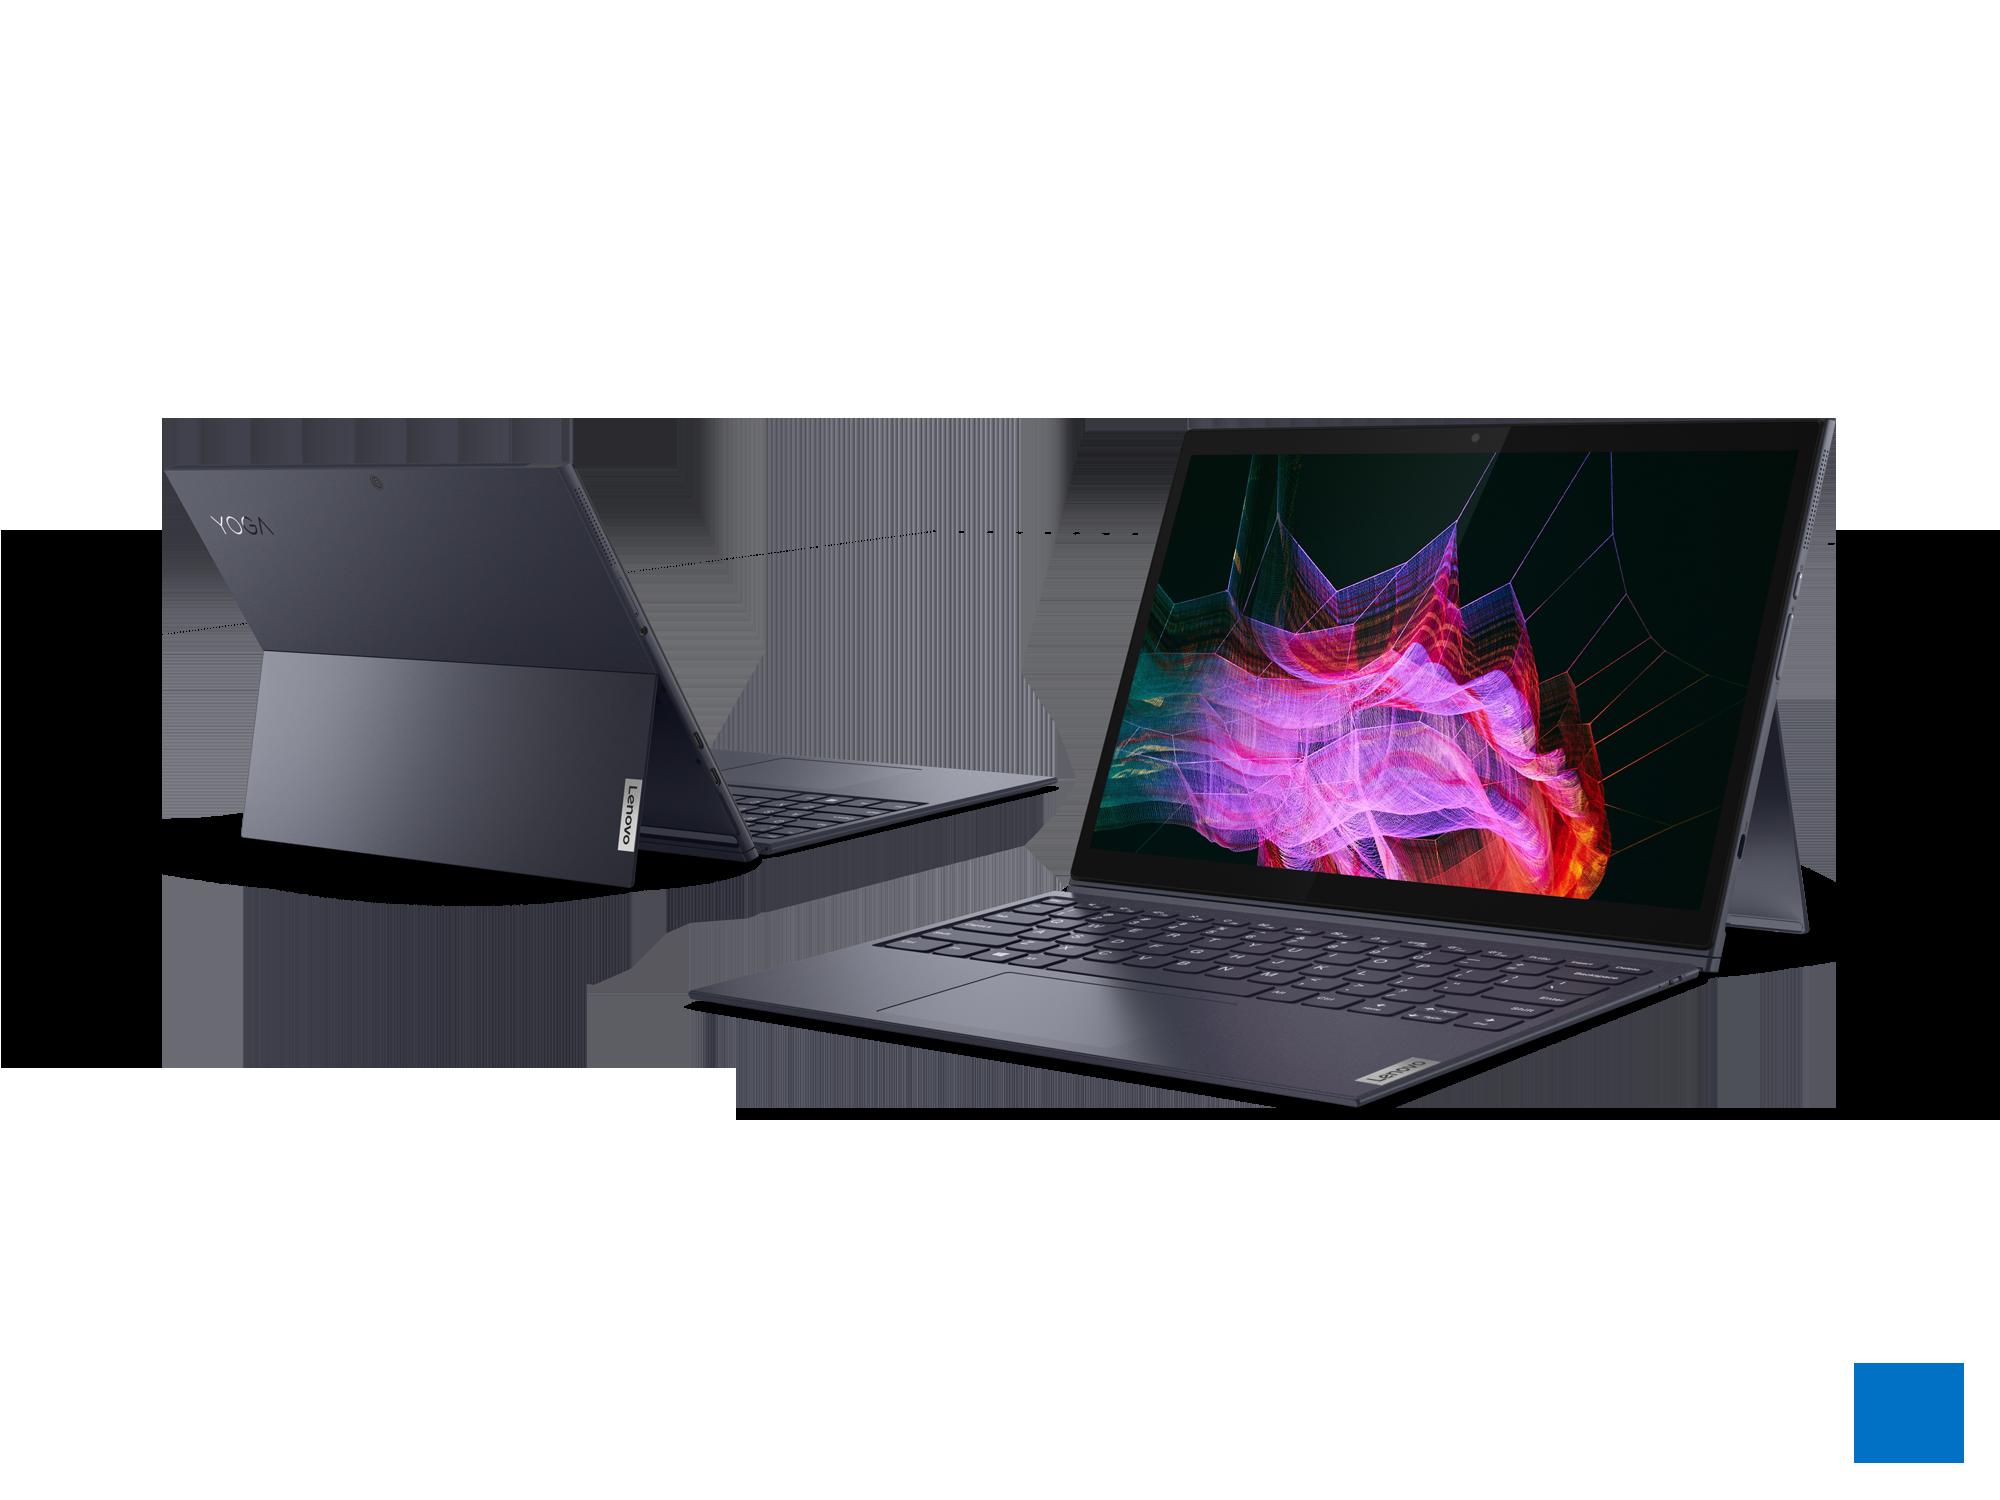 LTE 지원 윈도10 2-in-1 노트북…레노버, '요가 듀엣 7i' 및 '아이디어패드 듀엣 3i'